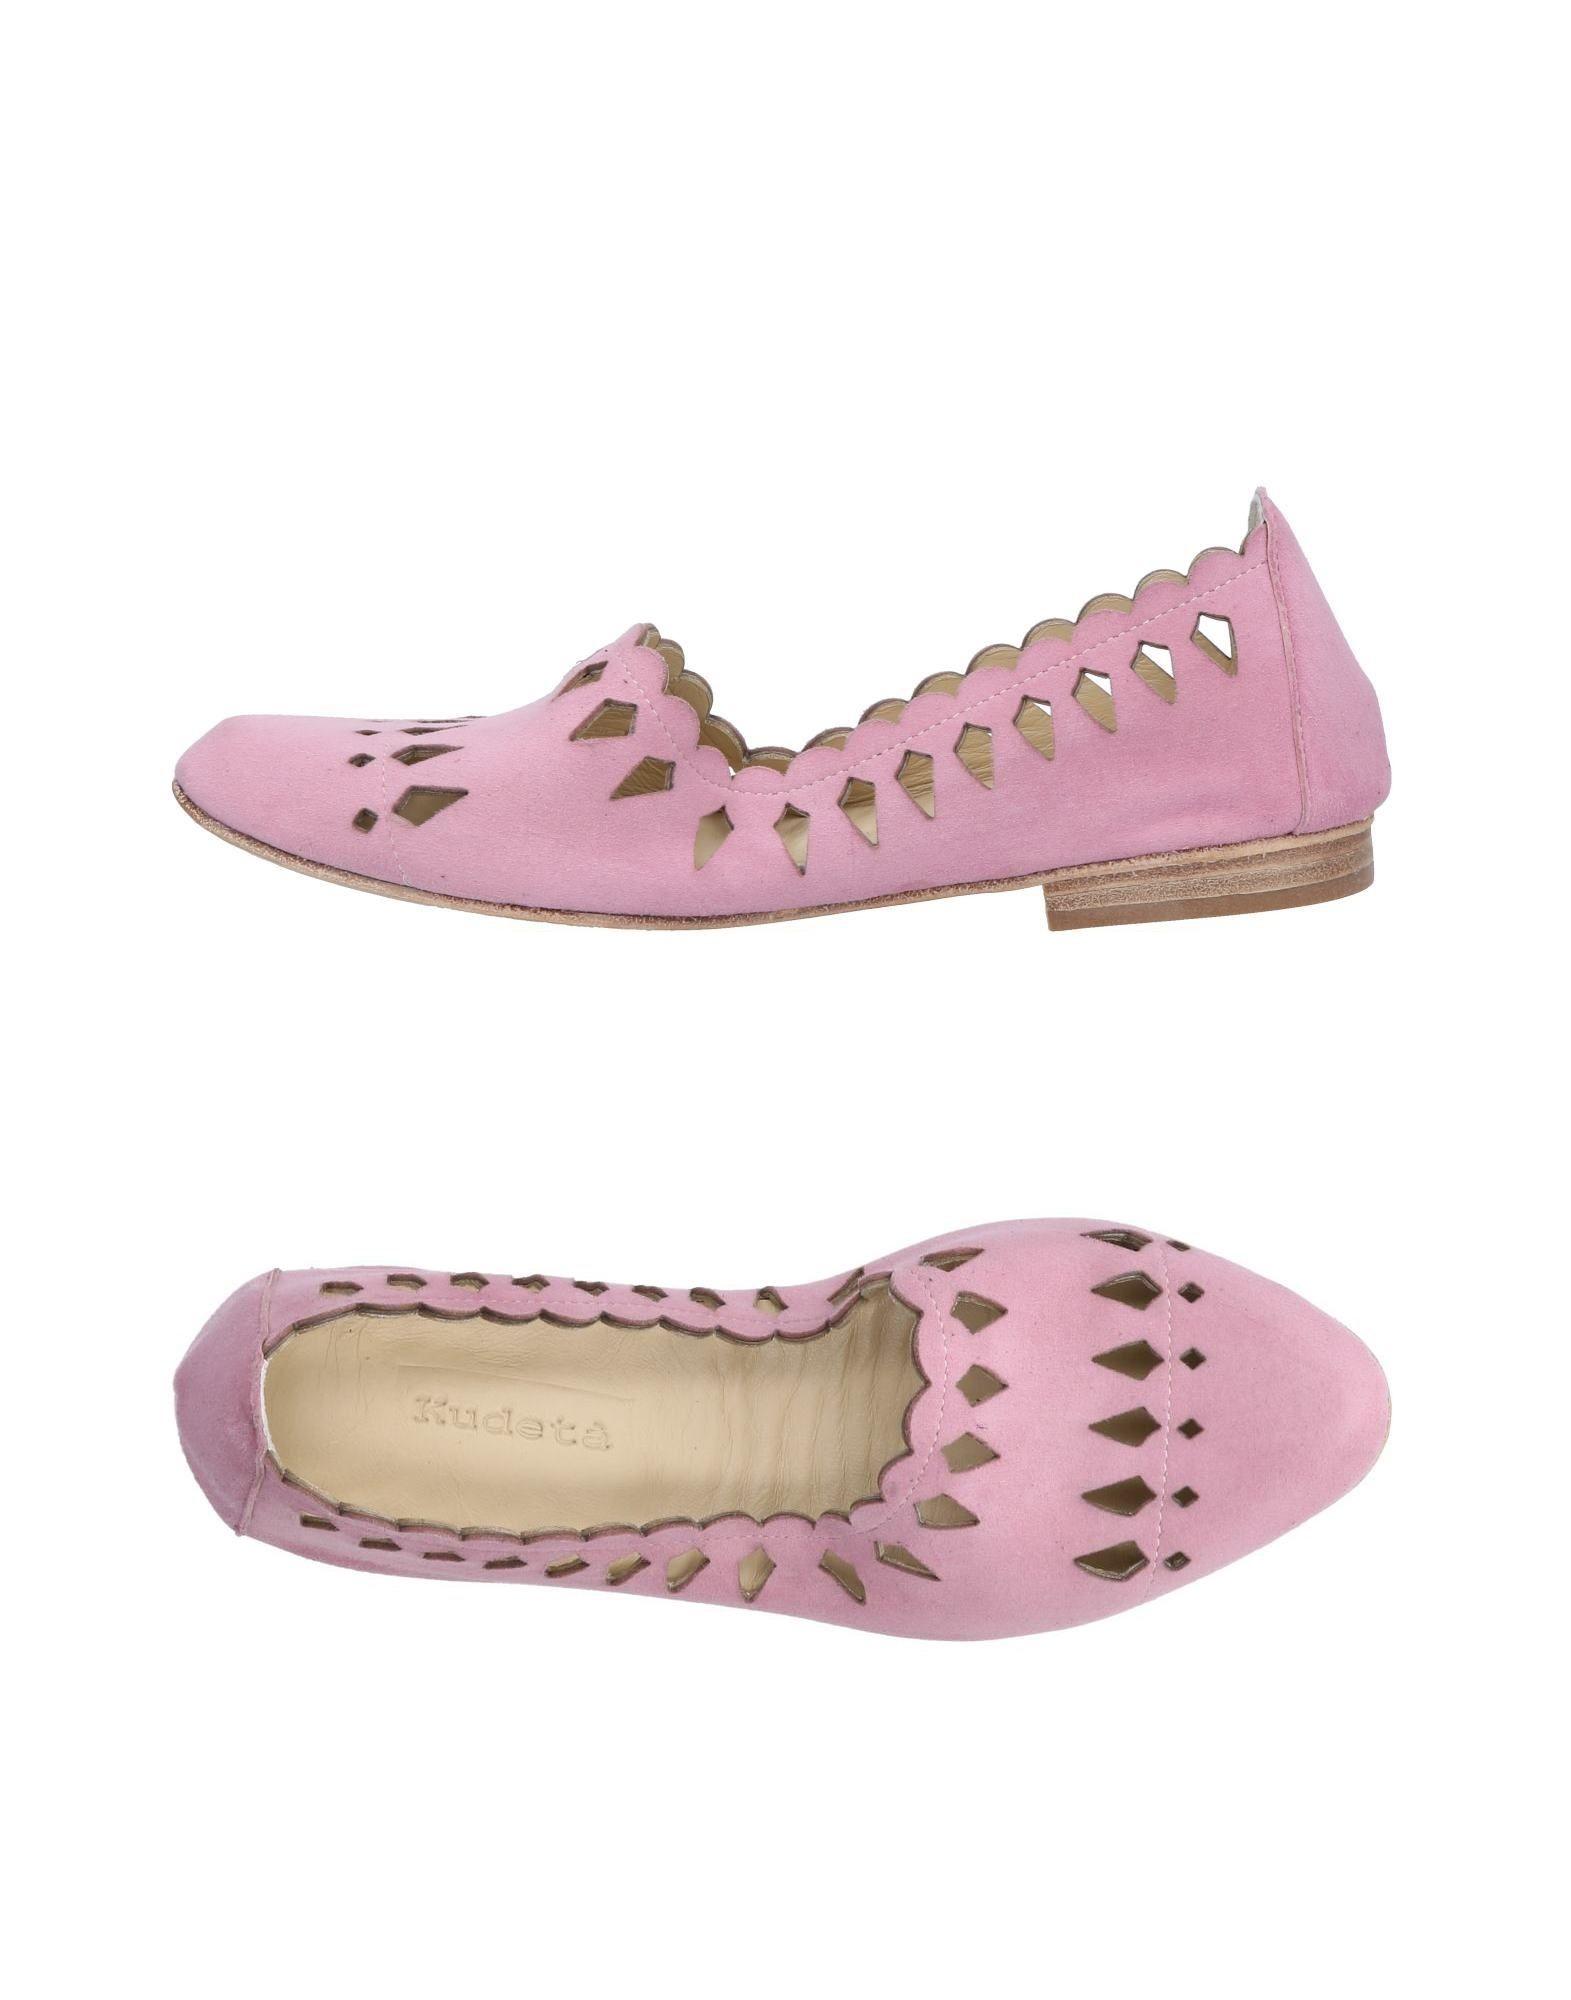 Kudetà Kudetà Kudetà Mokassins Damen  11366732LN Gute Qualität beliebte Schuhe 47e2c8